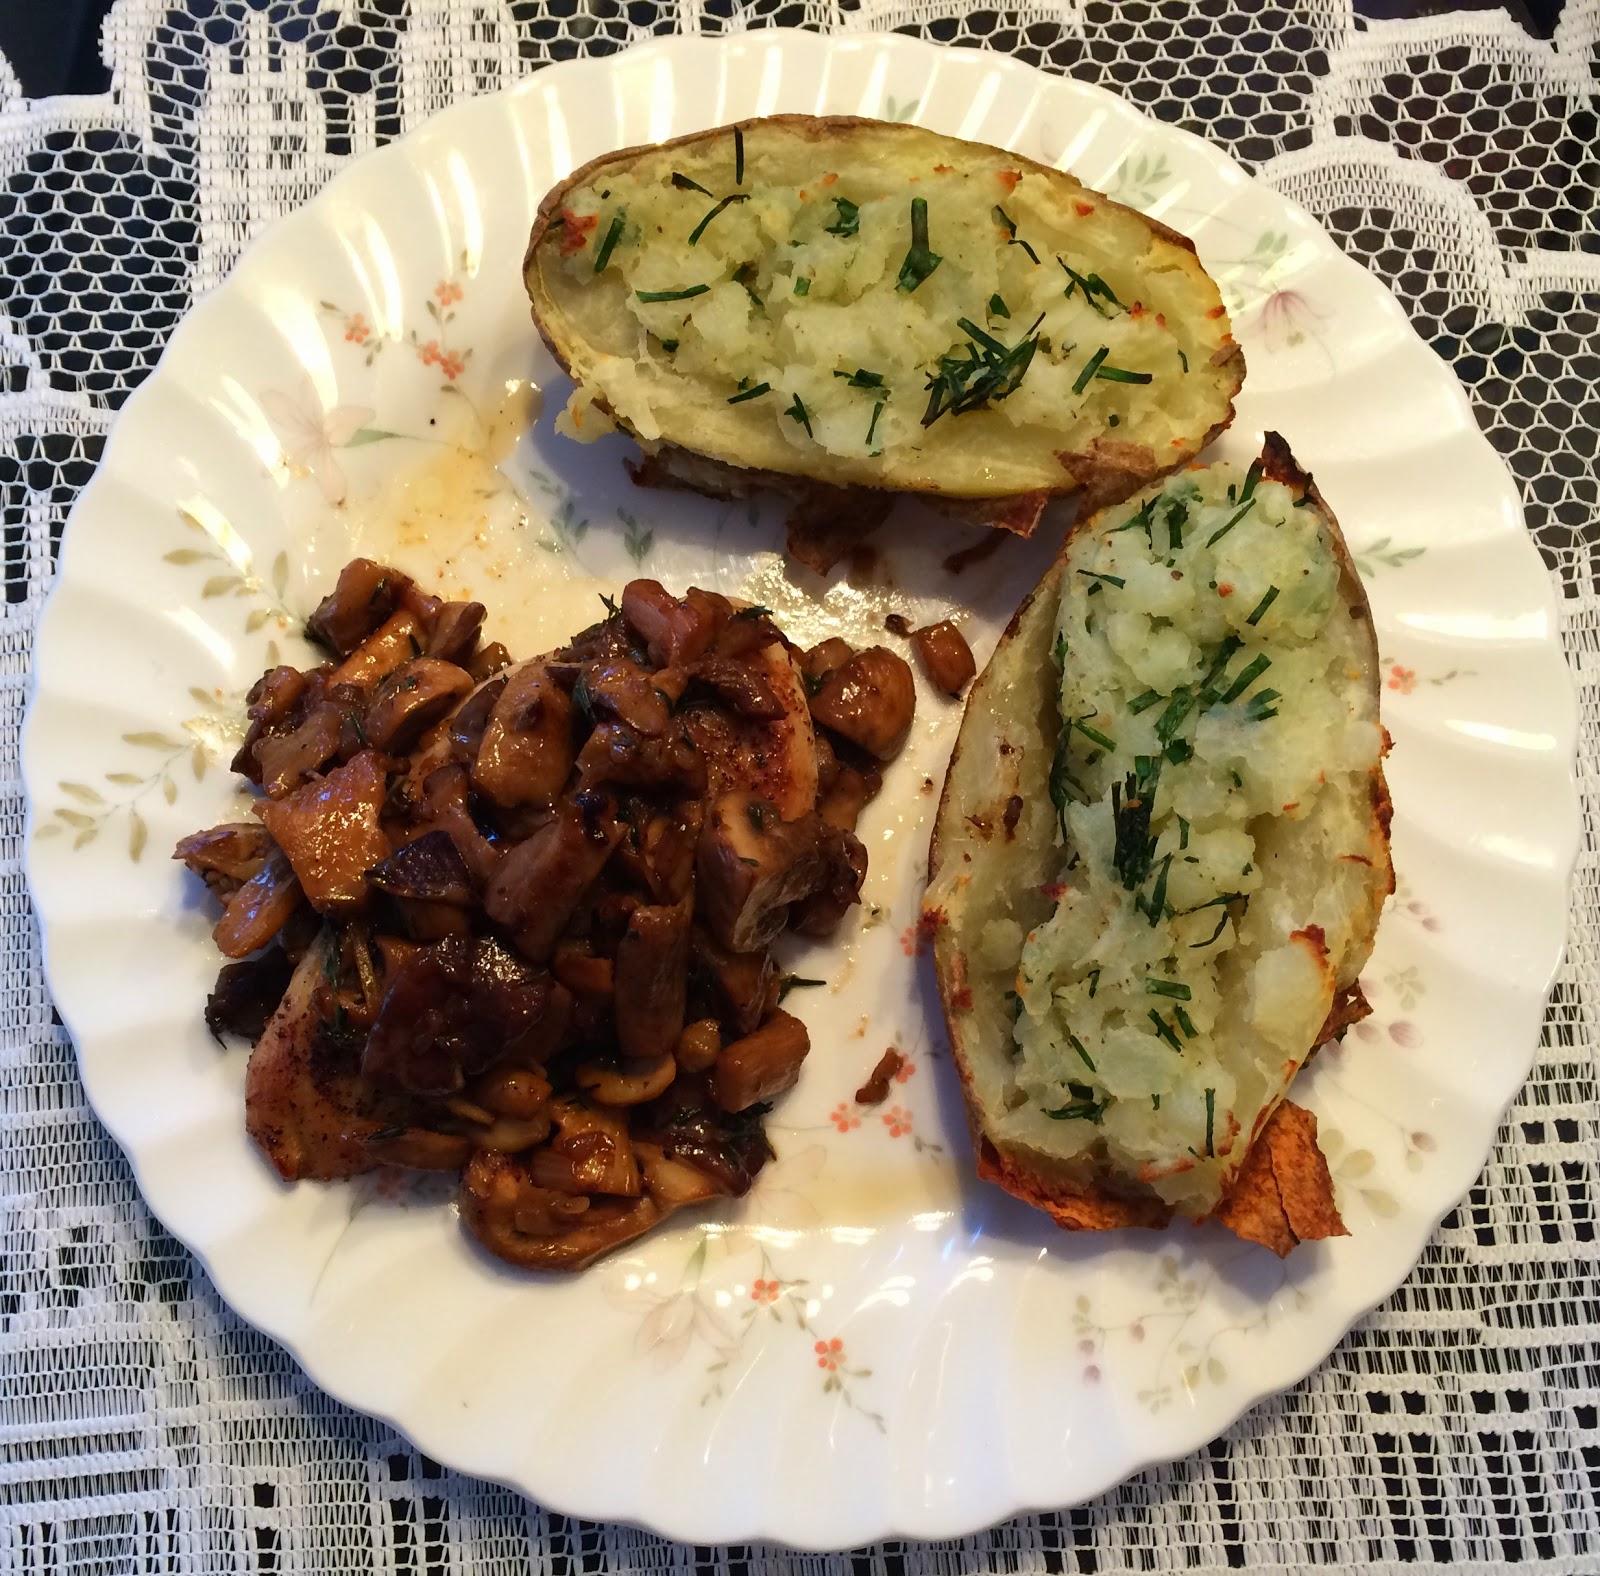 Blue apron vs plated - 2nd Place Blue Apron S Shrimp Po Boy Sandwiches